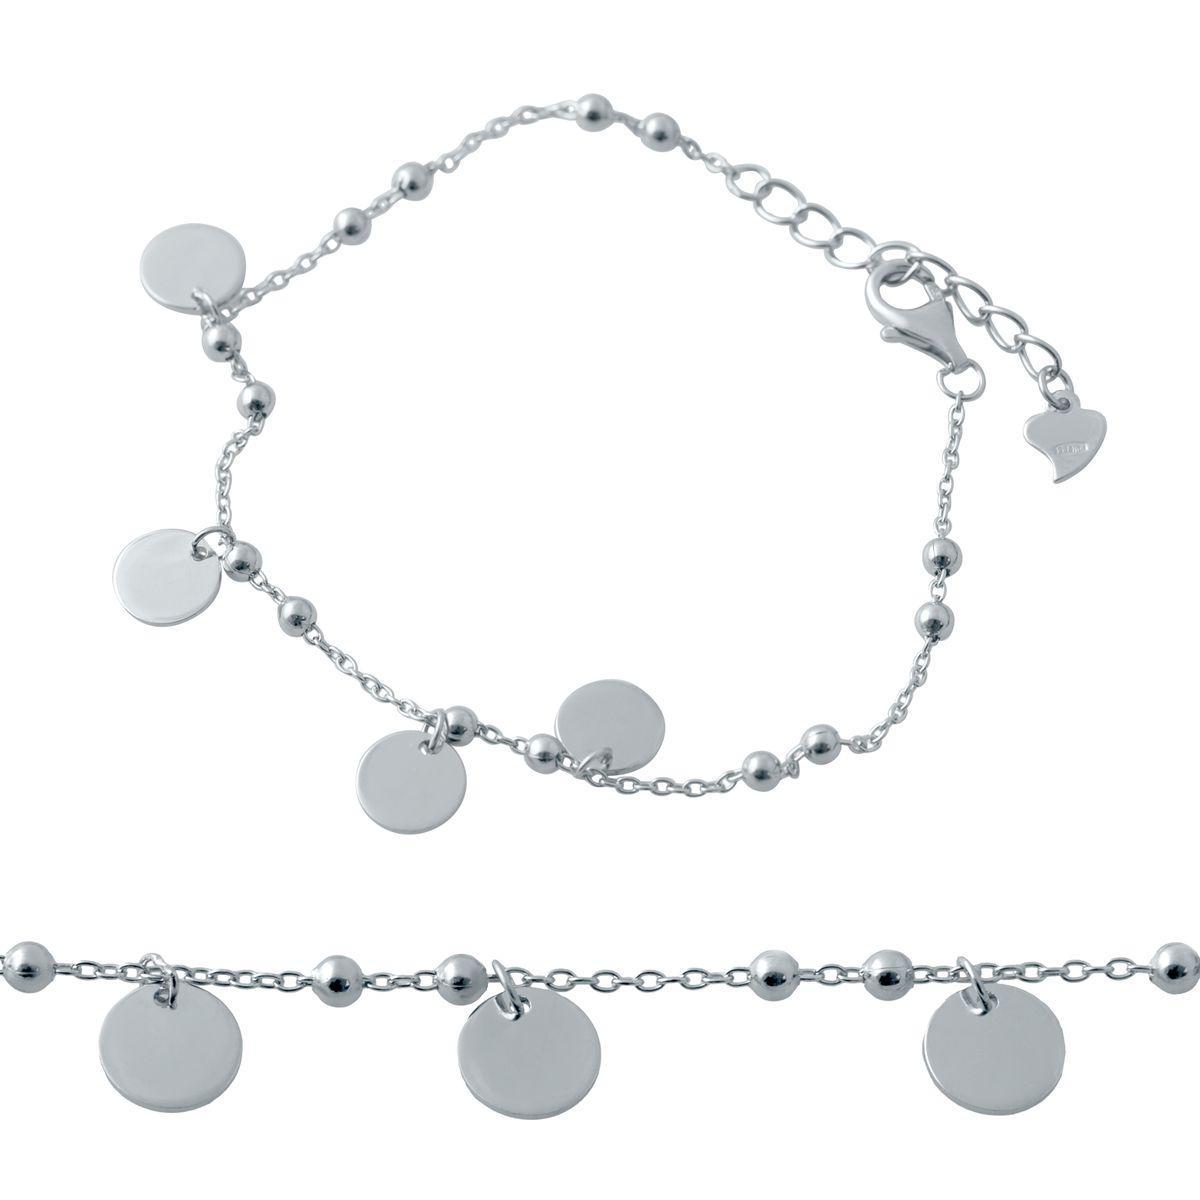 Срібний браслет DreamJewelry без каменів (2037064) 1720 розмір